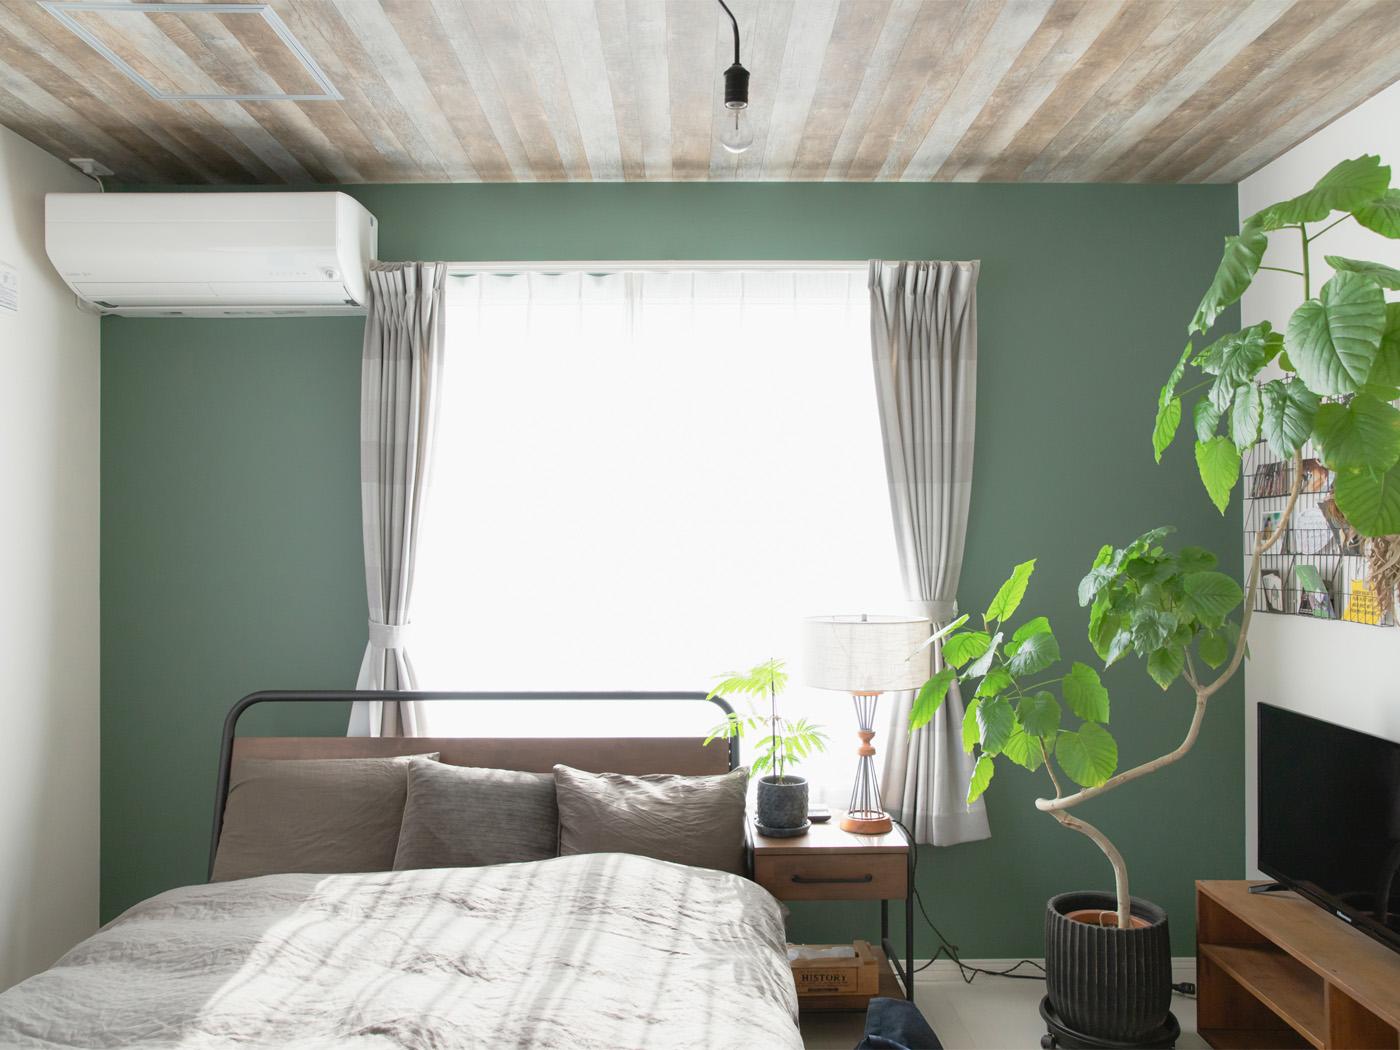 グリーンやブルーにホワイトと、ウッドの天井と壁紙のコントラストがハイセンス。